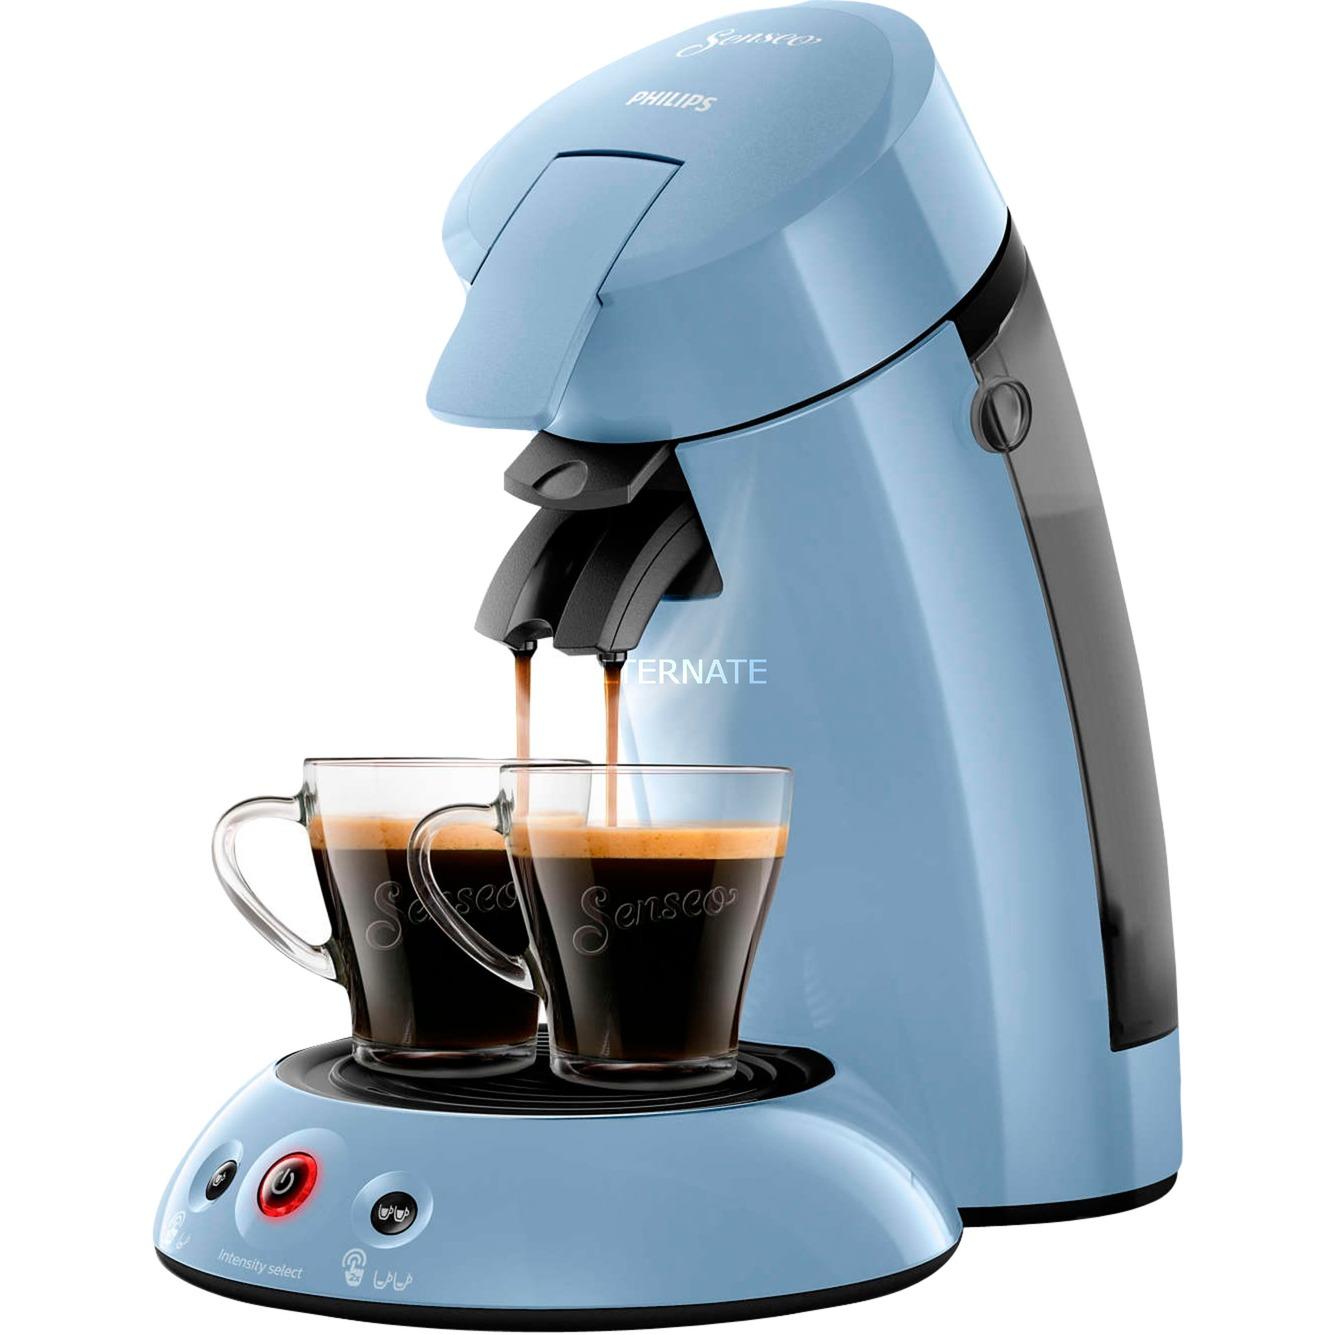 Original HD6554/70 Independiente Semi-automática Máquina de café en cápsulas 0.7L Azul cafetera eléctrica, Cafetera monodosis